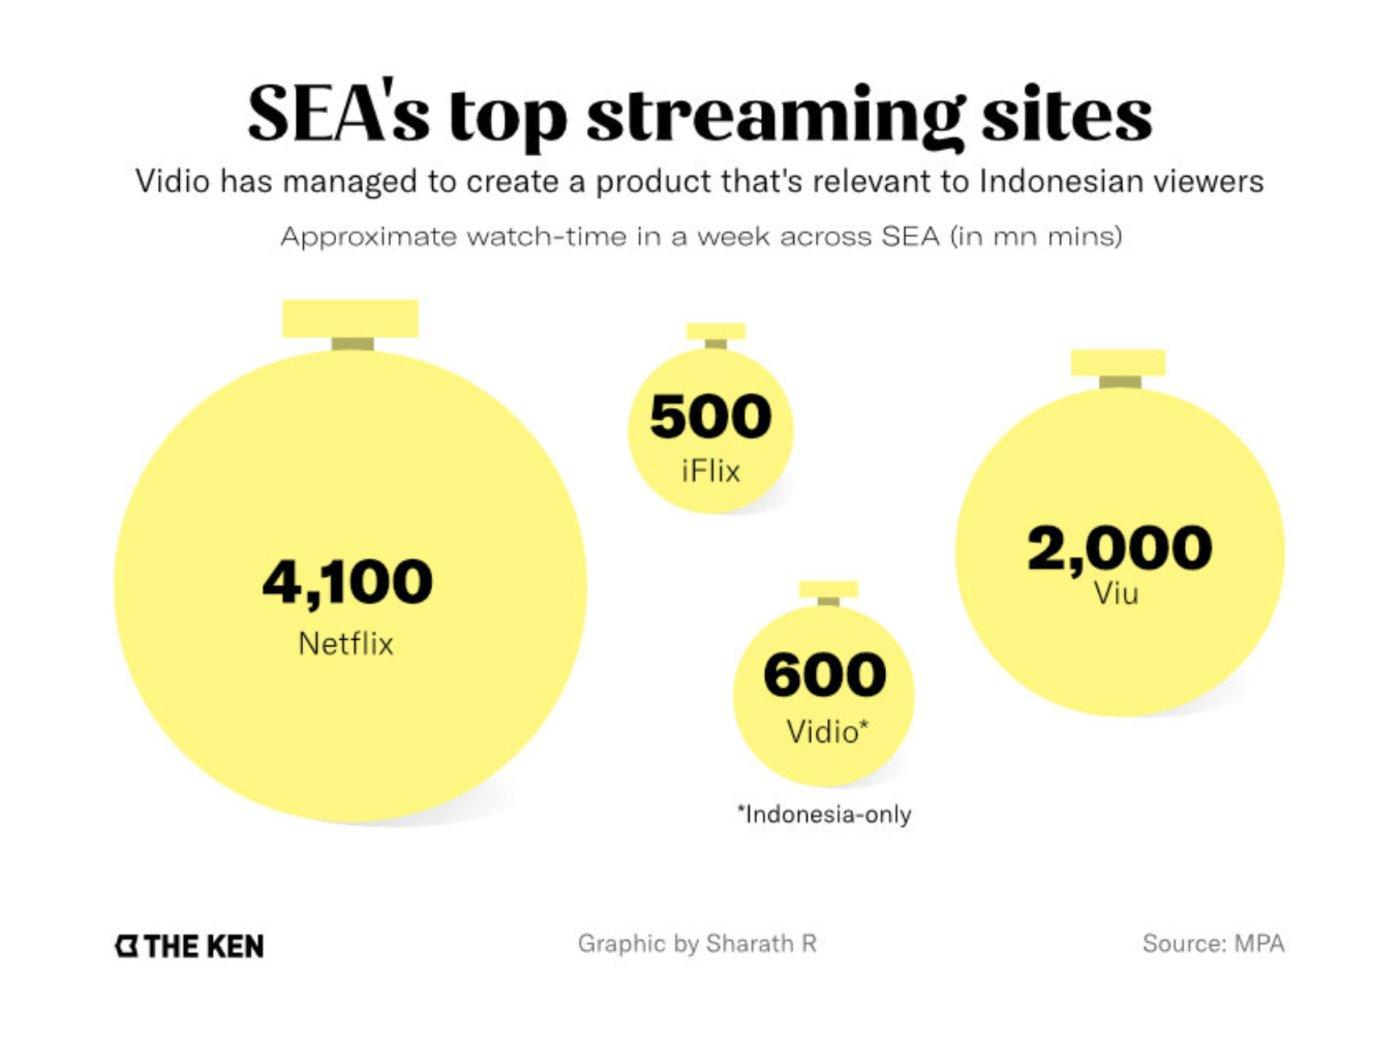 东南亚平均一周观看各流媒体产品时长(以分钟计)/The Ken